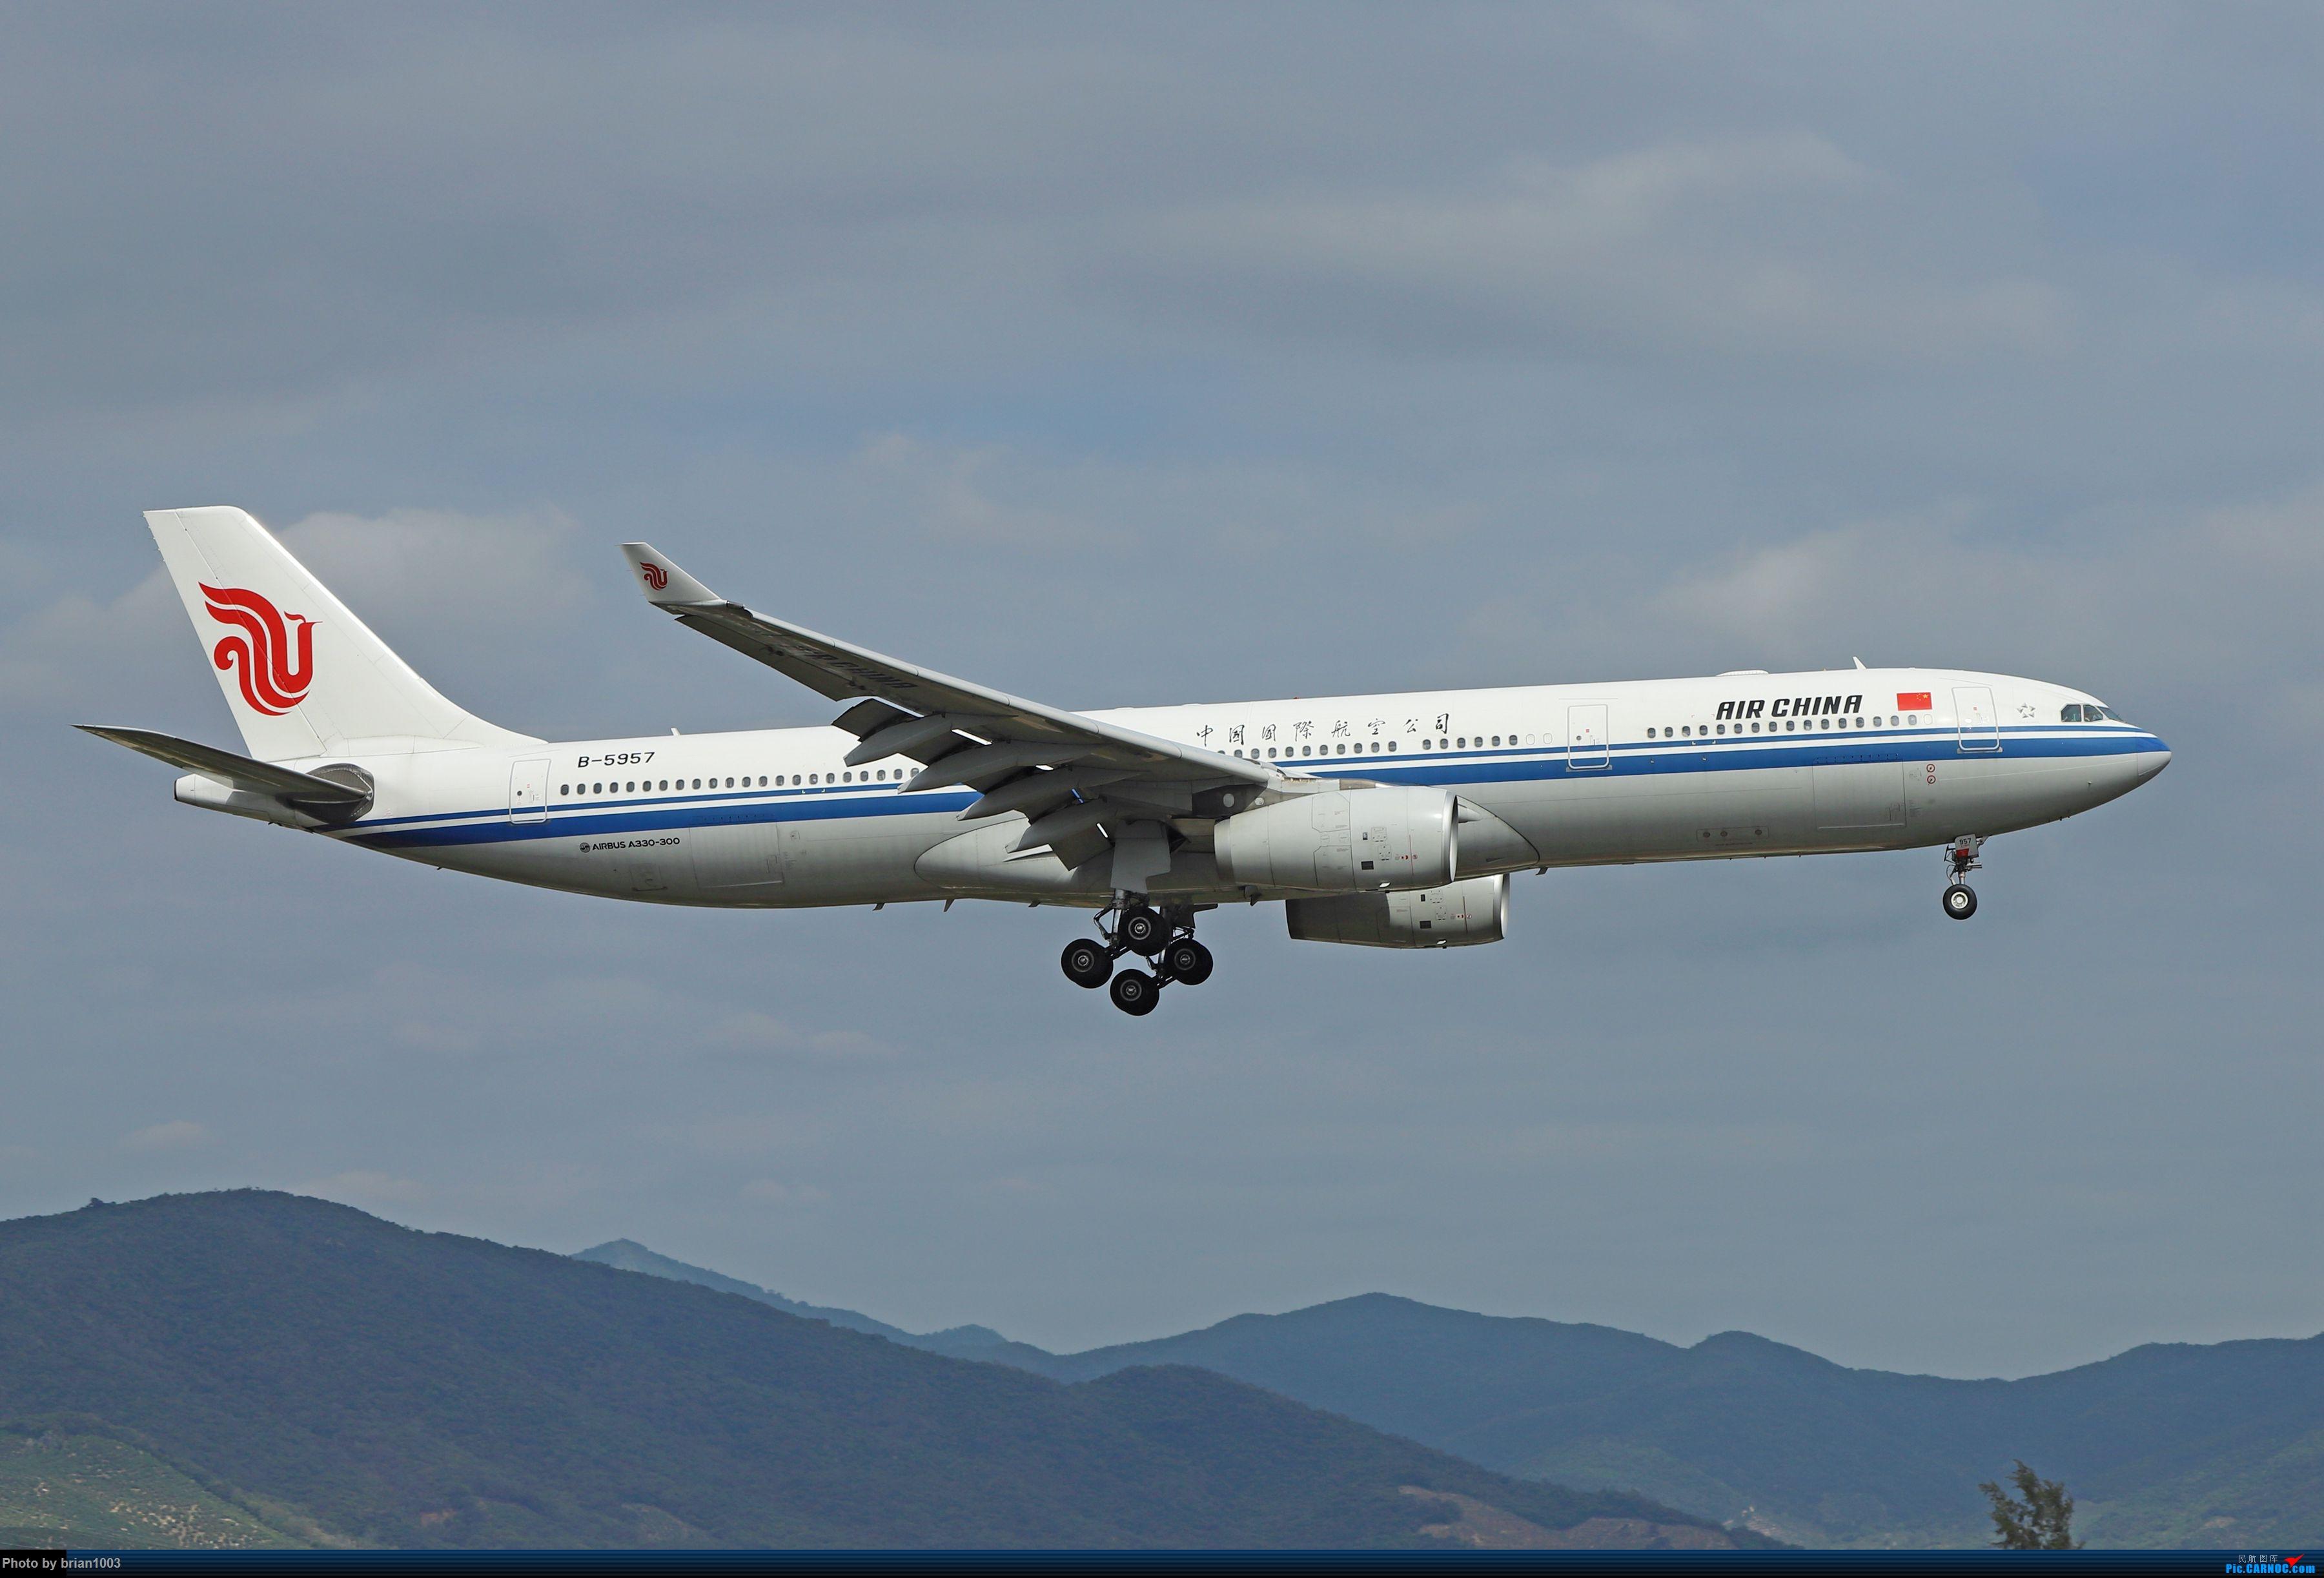 Re:[原创]CZ3347-CZ6734-HU7659,忙里偷闲的三亚拍机之行 AIRBUS A330-300 B-5957 中国三亚凤凰国际机场